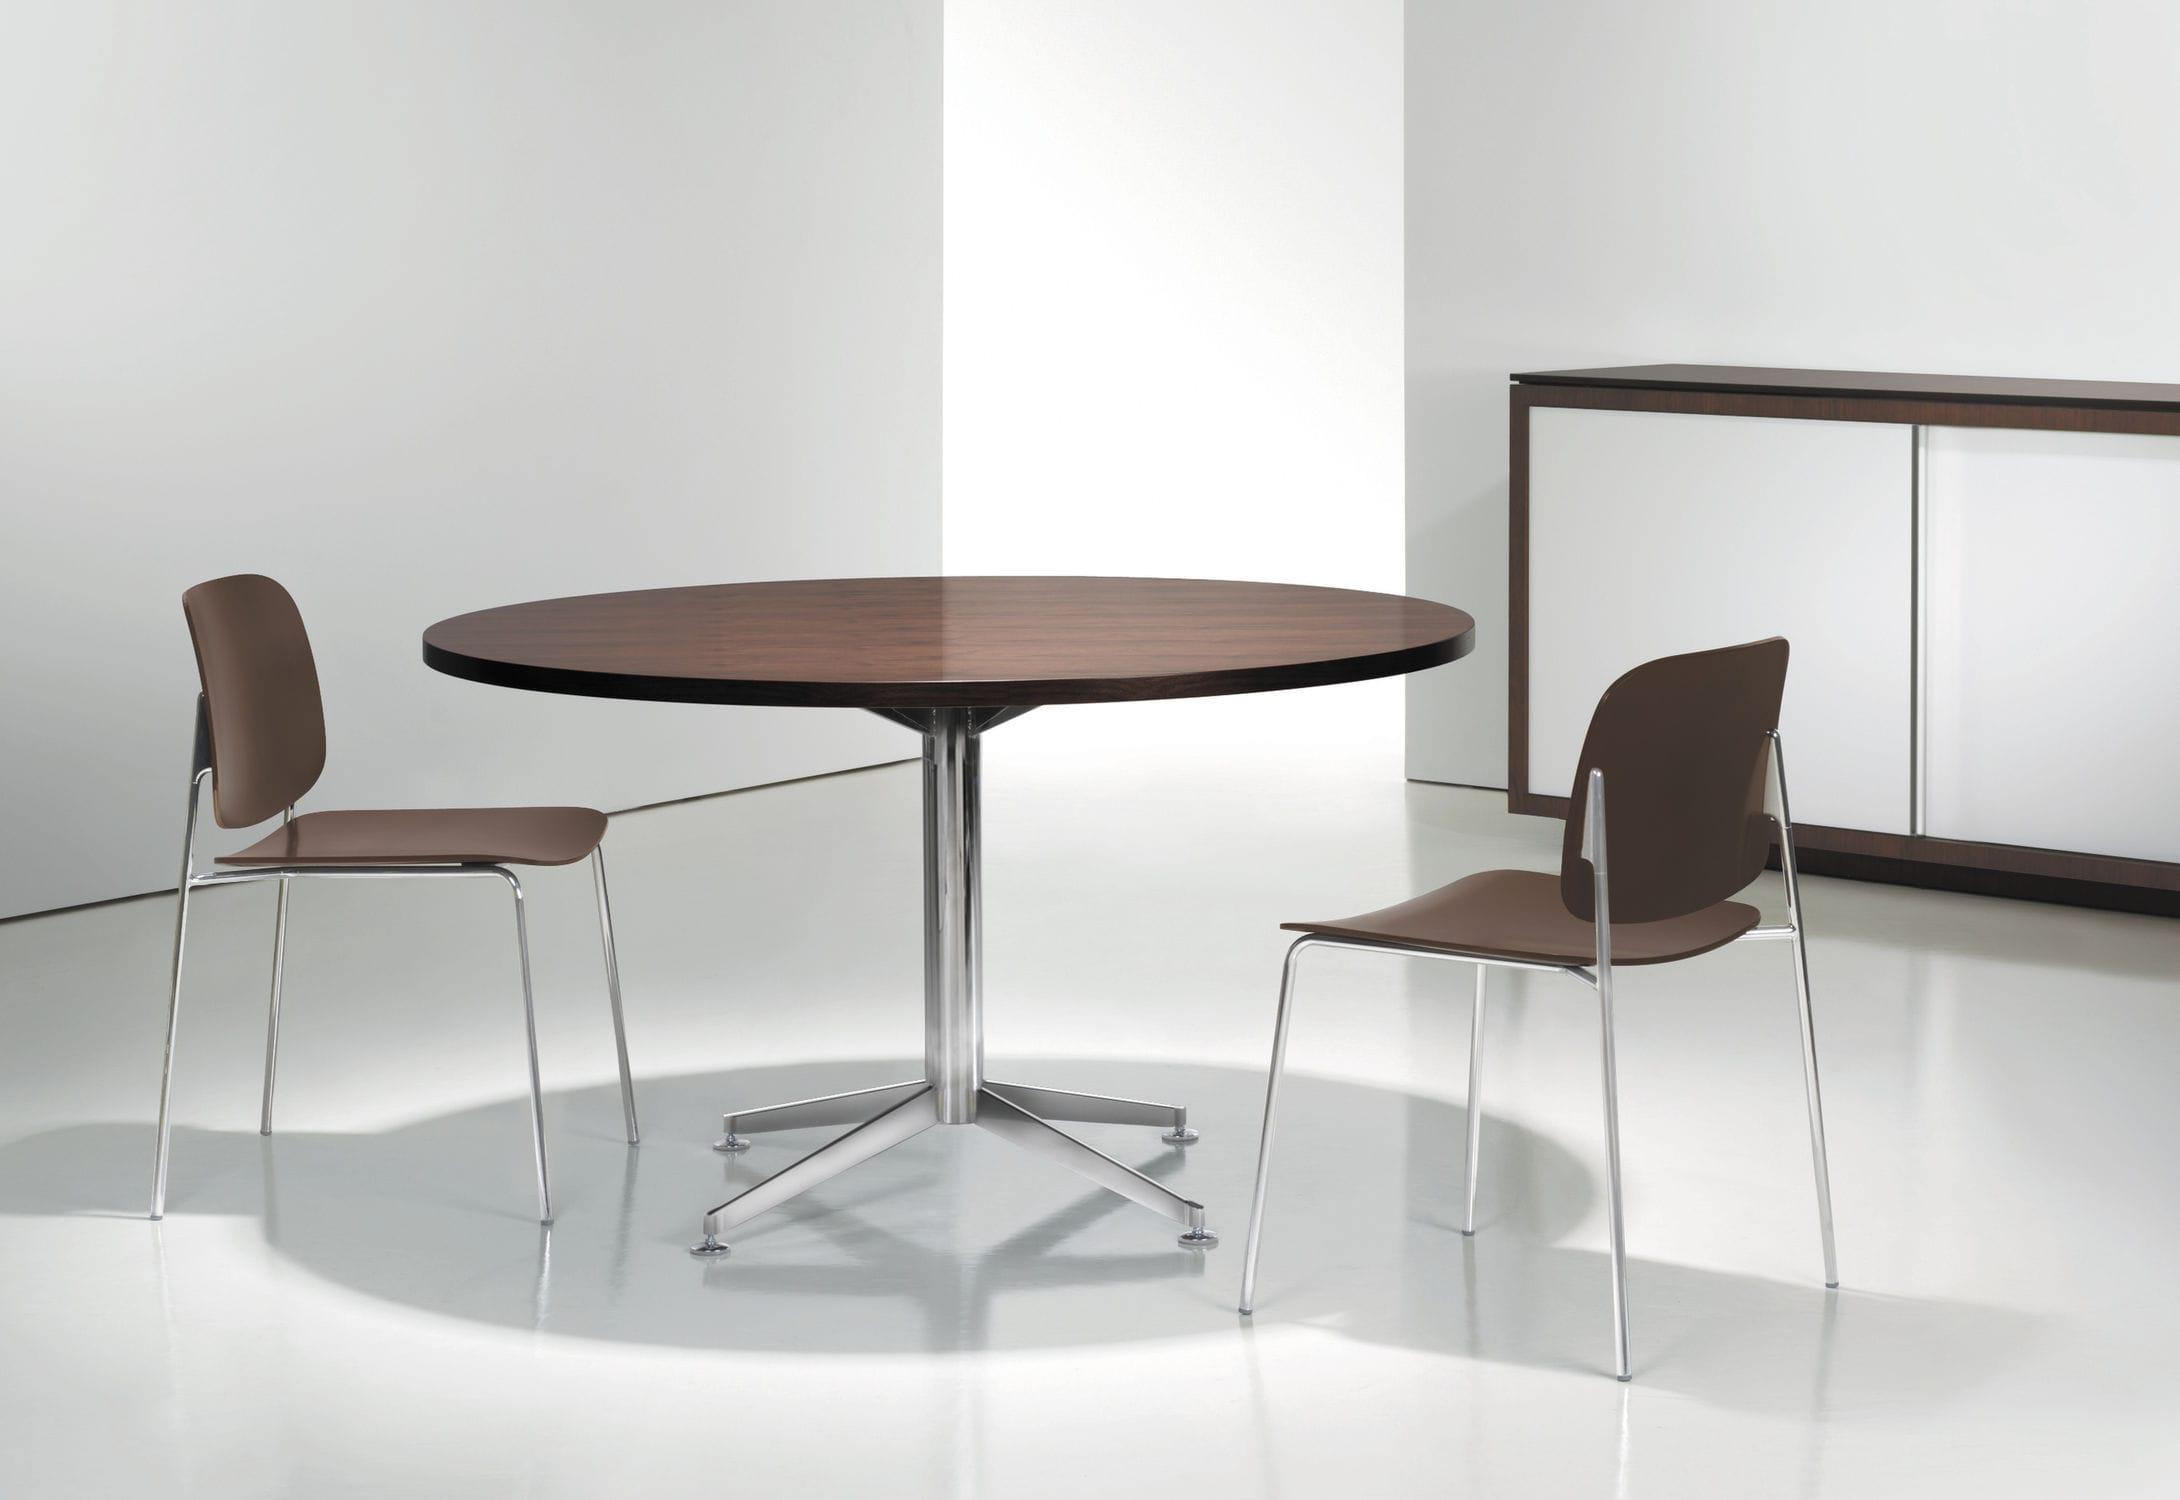 Design tisch holz metall  Moderne Tisch / Holz / Metall / rund - CIRCUIT - BERNHARD design